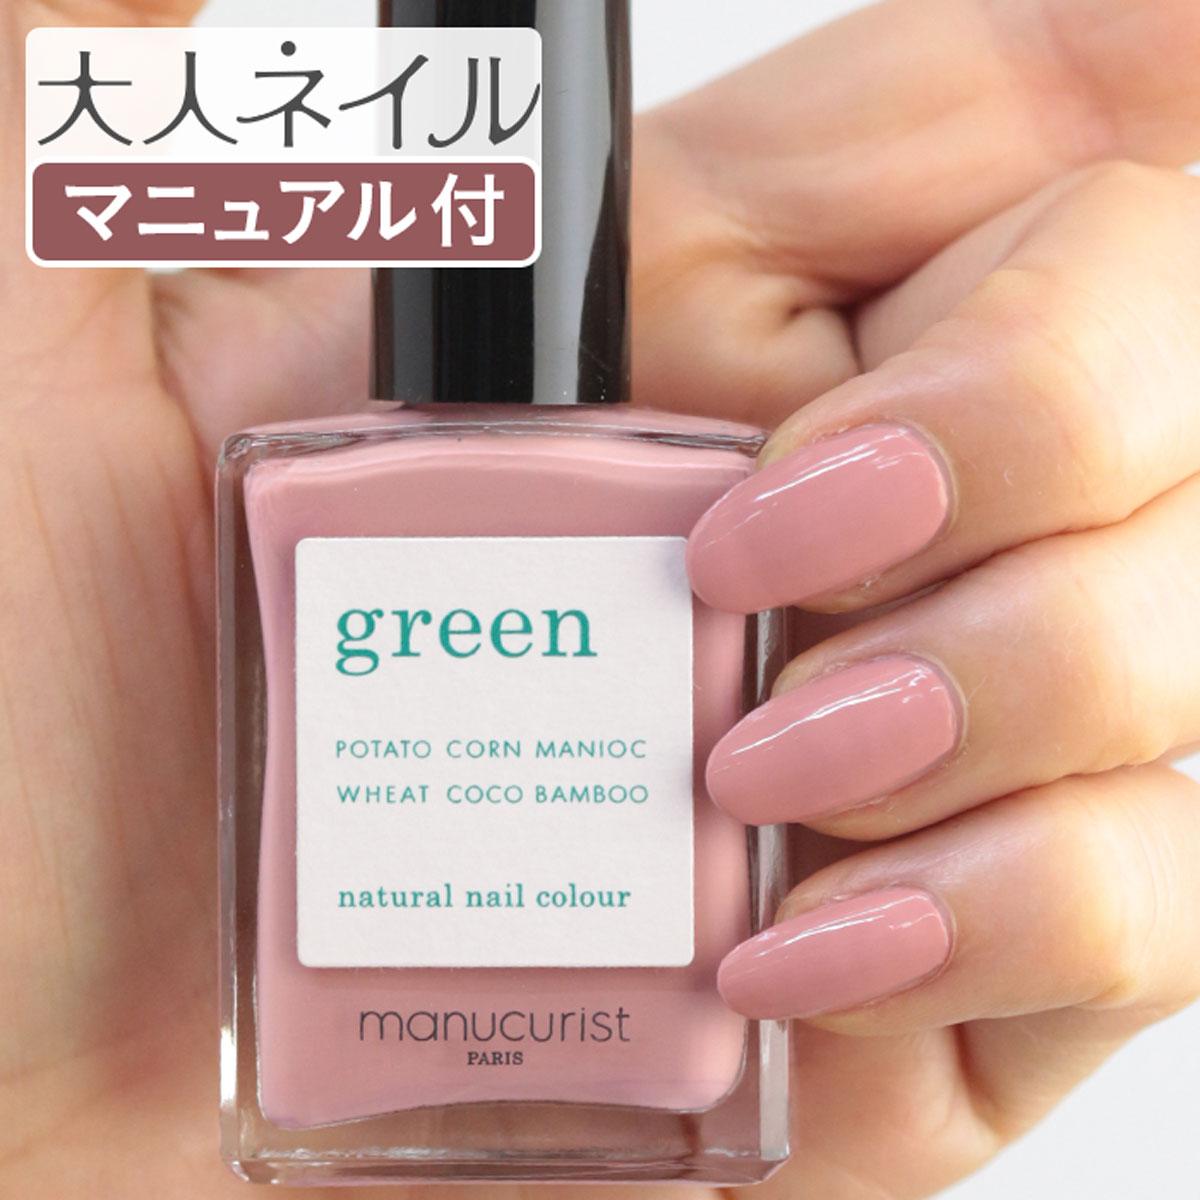 green グリーン ナチュラルネイルカラー オールドローズ 31023 15ml 爪にやさしい マニキュア セルフネイル ピンク 秋カラー 秋ネイル